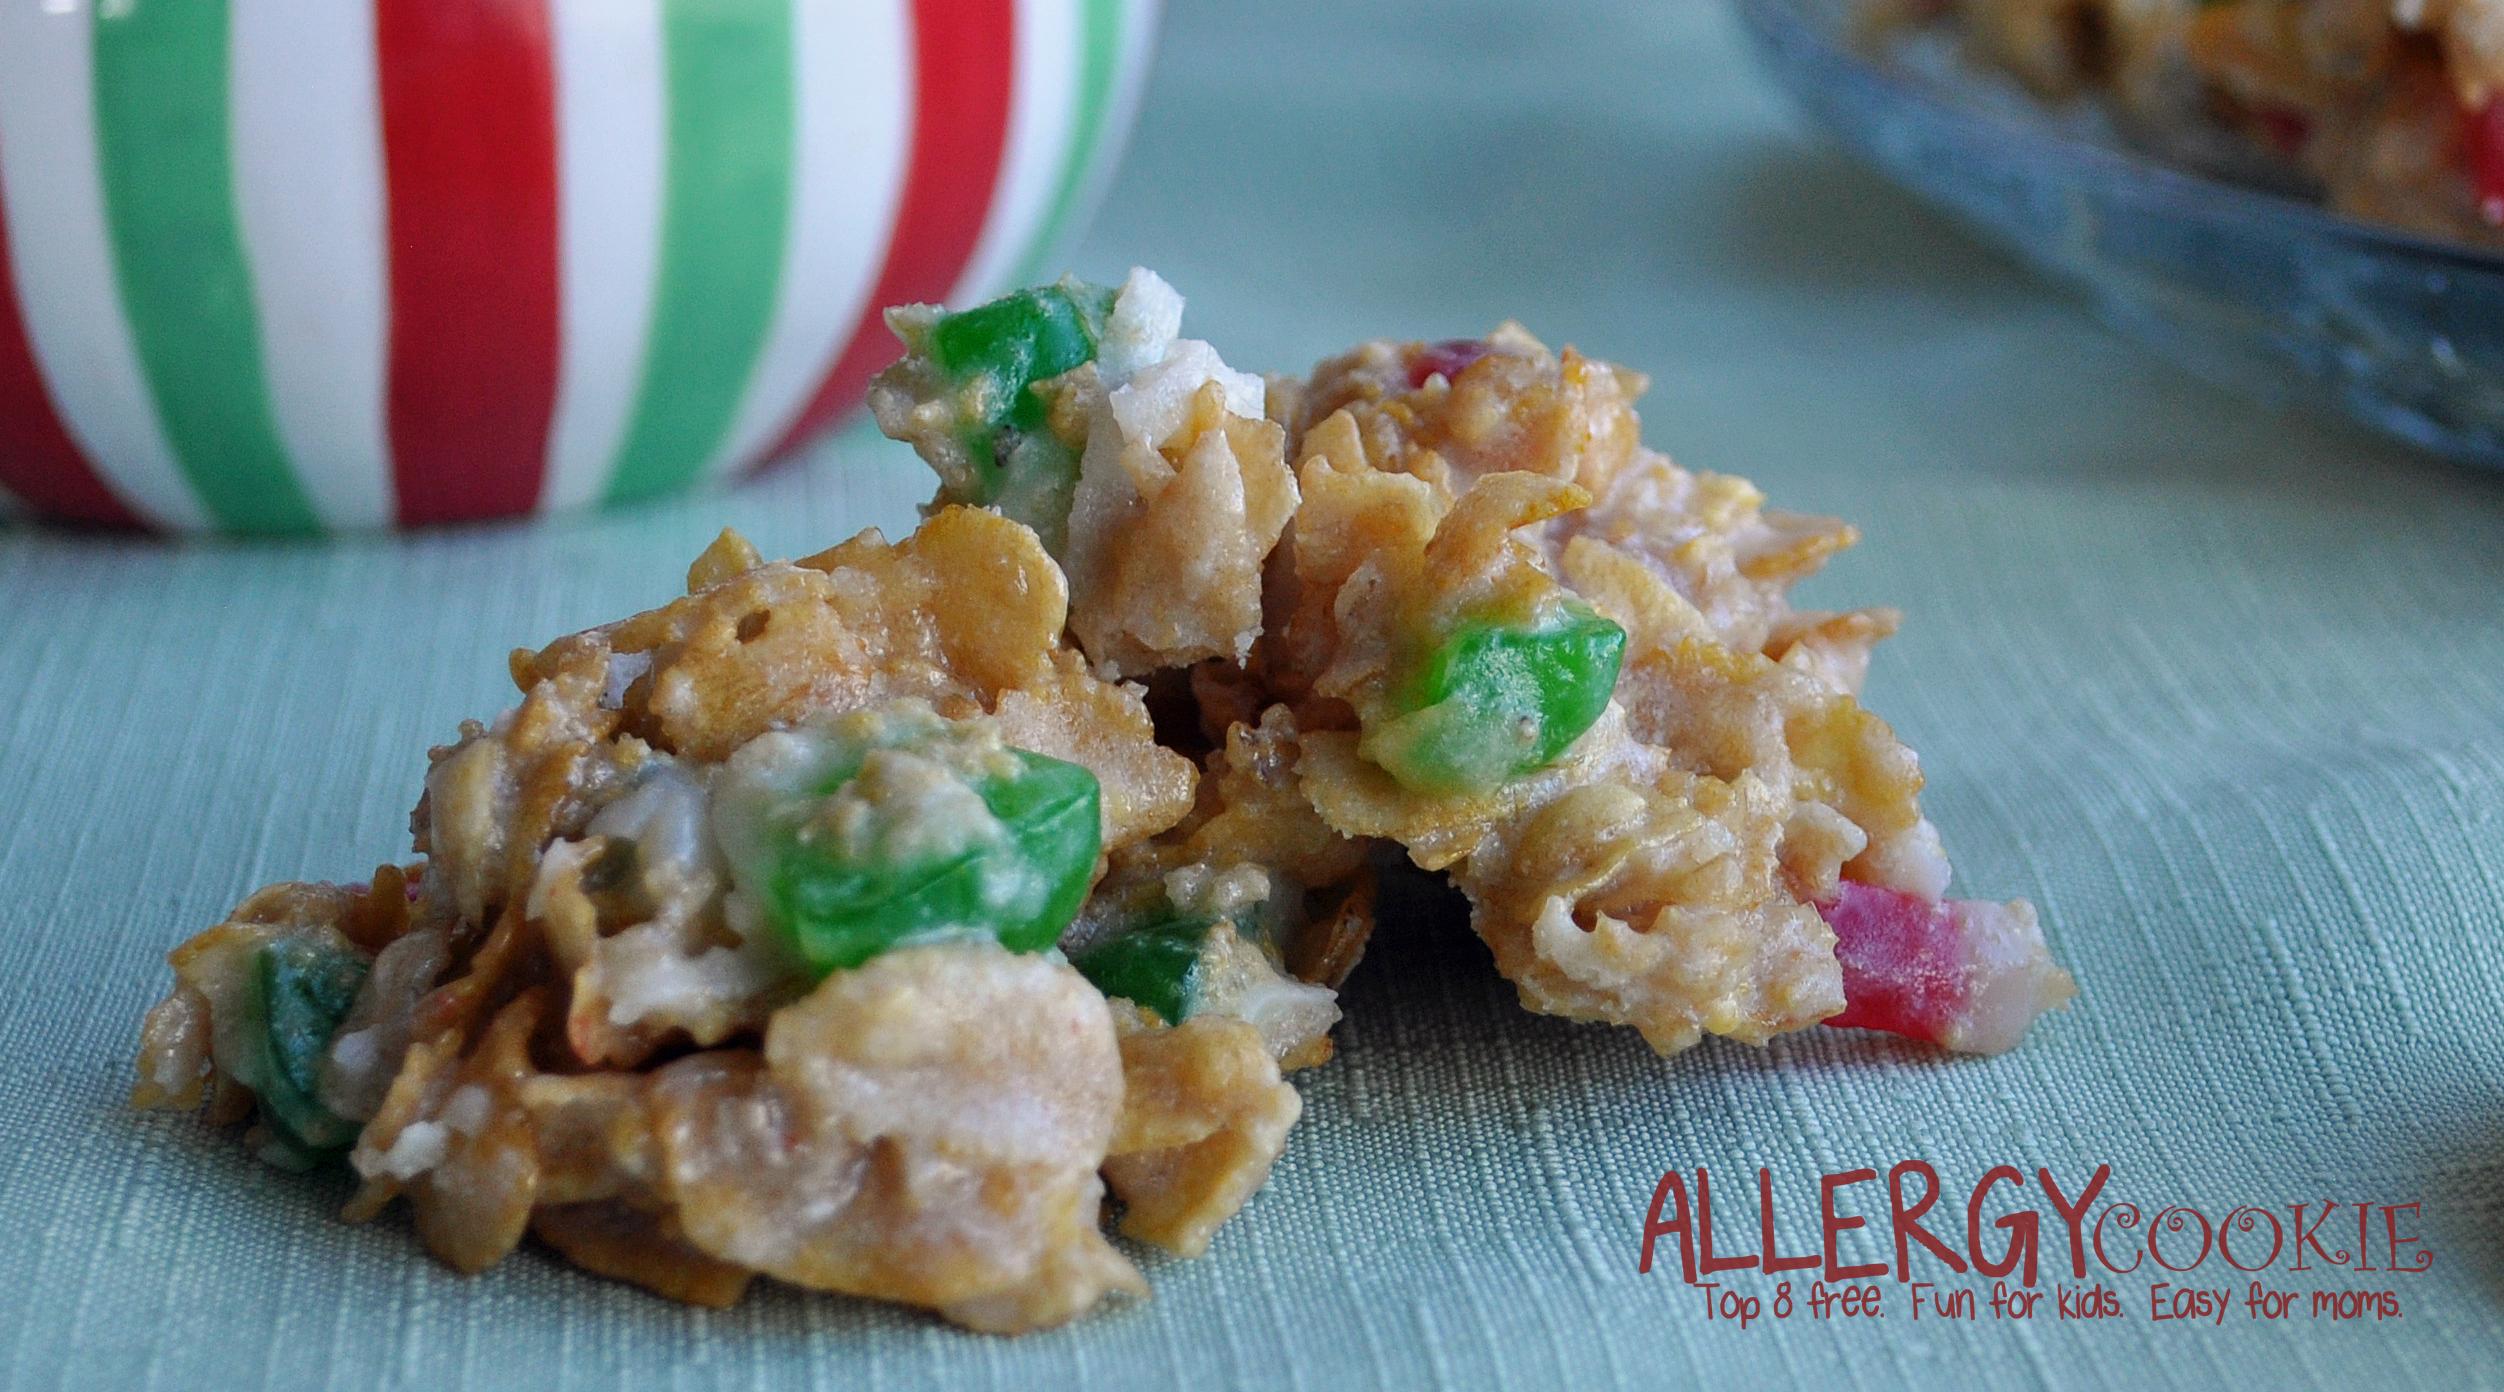 Holiday Fruitcake No Bake Cookies Gluten Free Vegan Top 8 Free